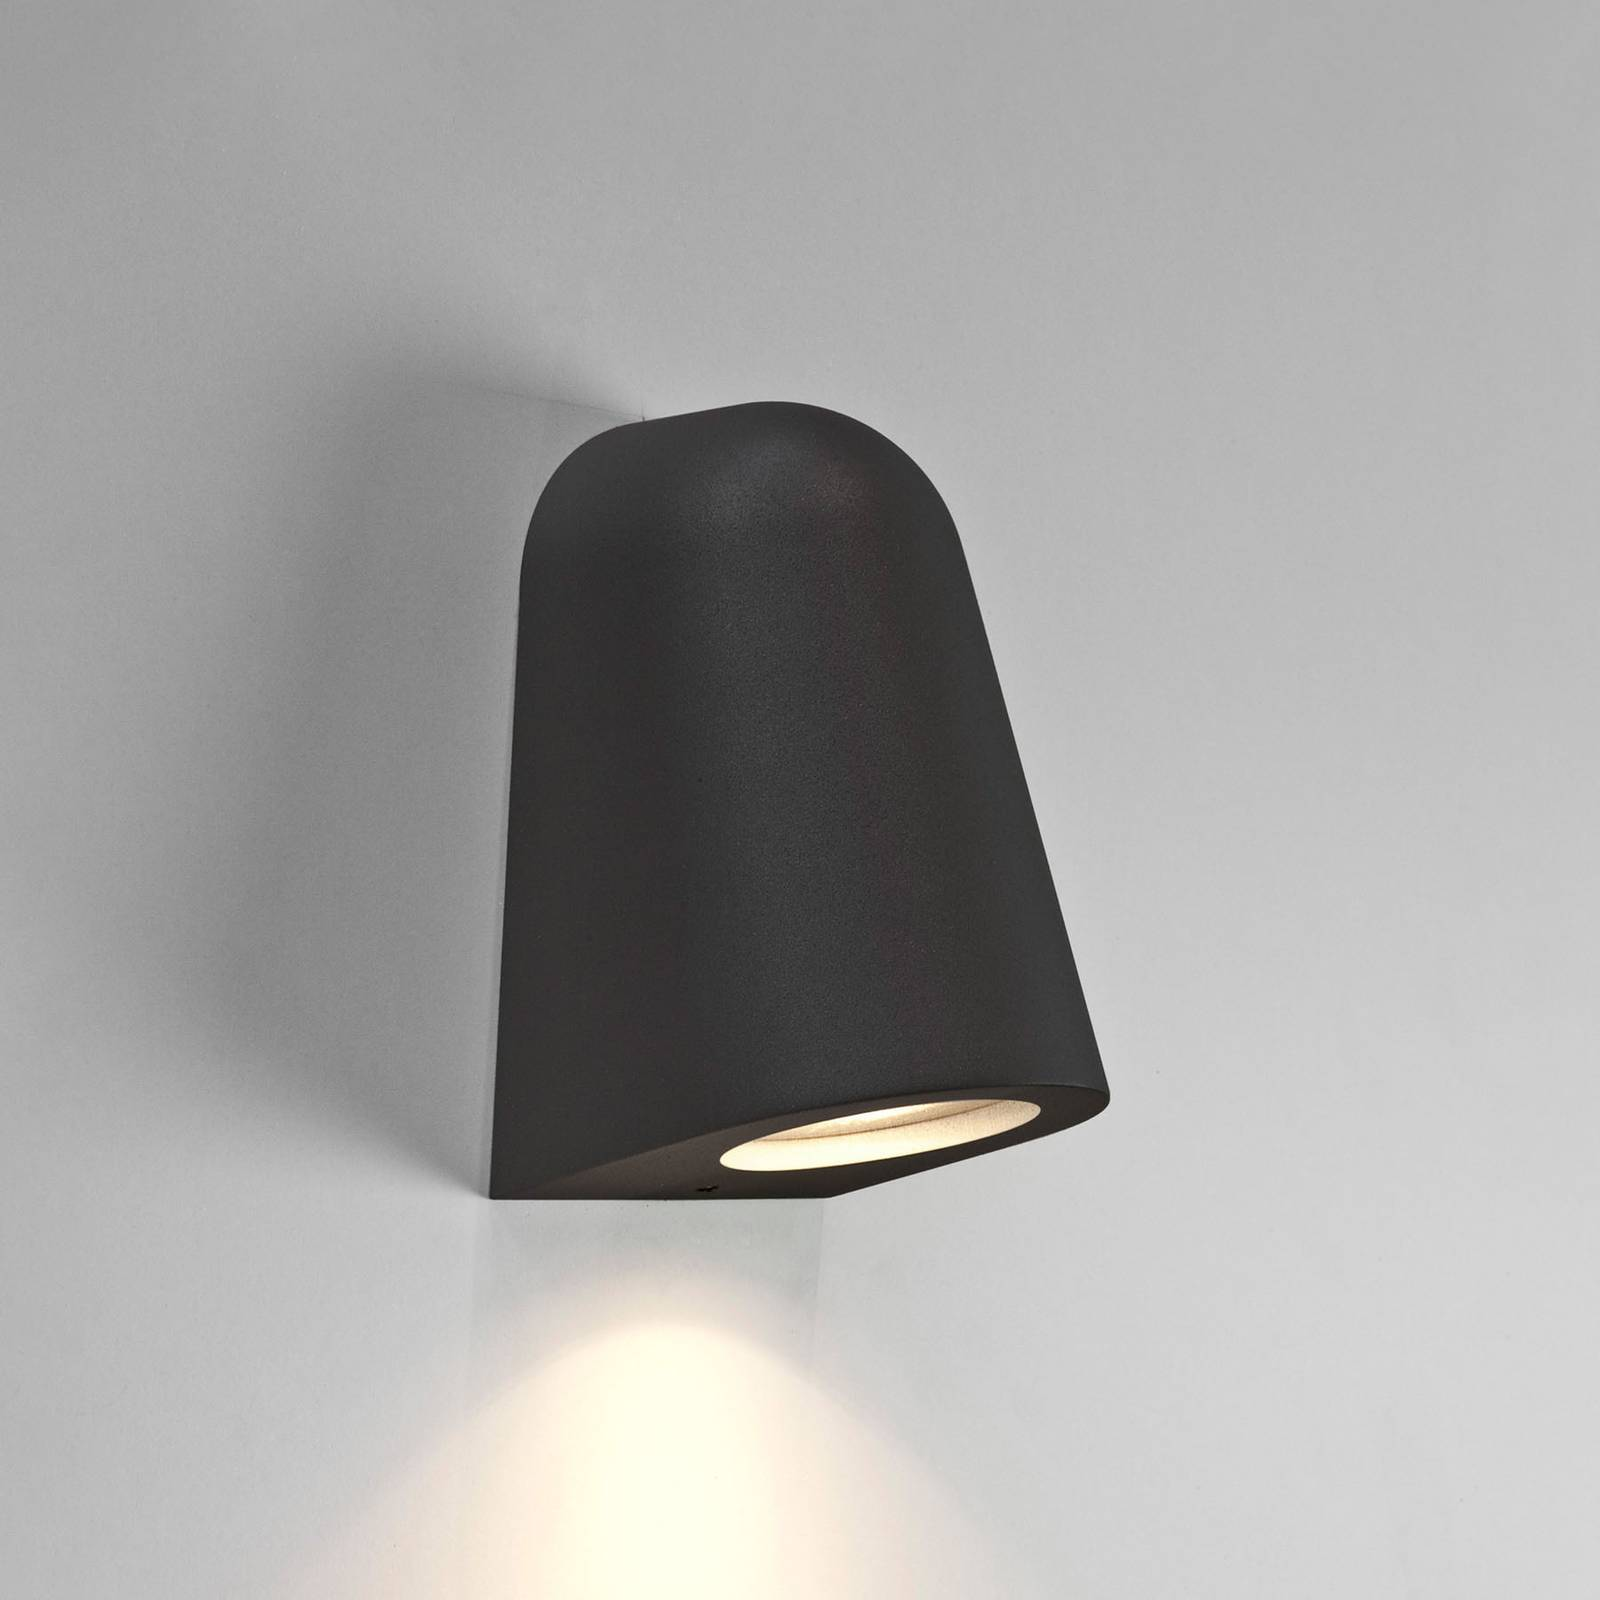 Astro Mast Light -ulkoseinälamppu, musta